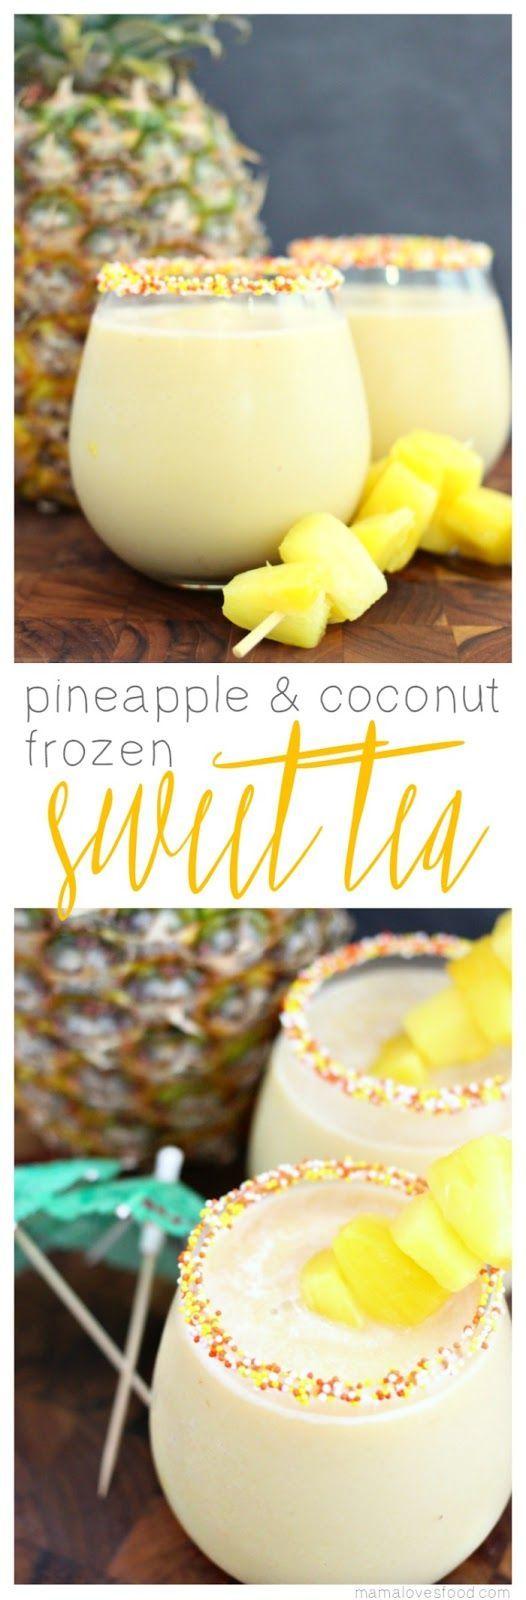 Pineapple & Coconut Frozen